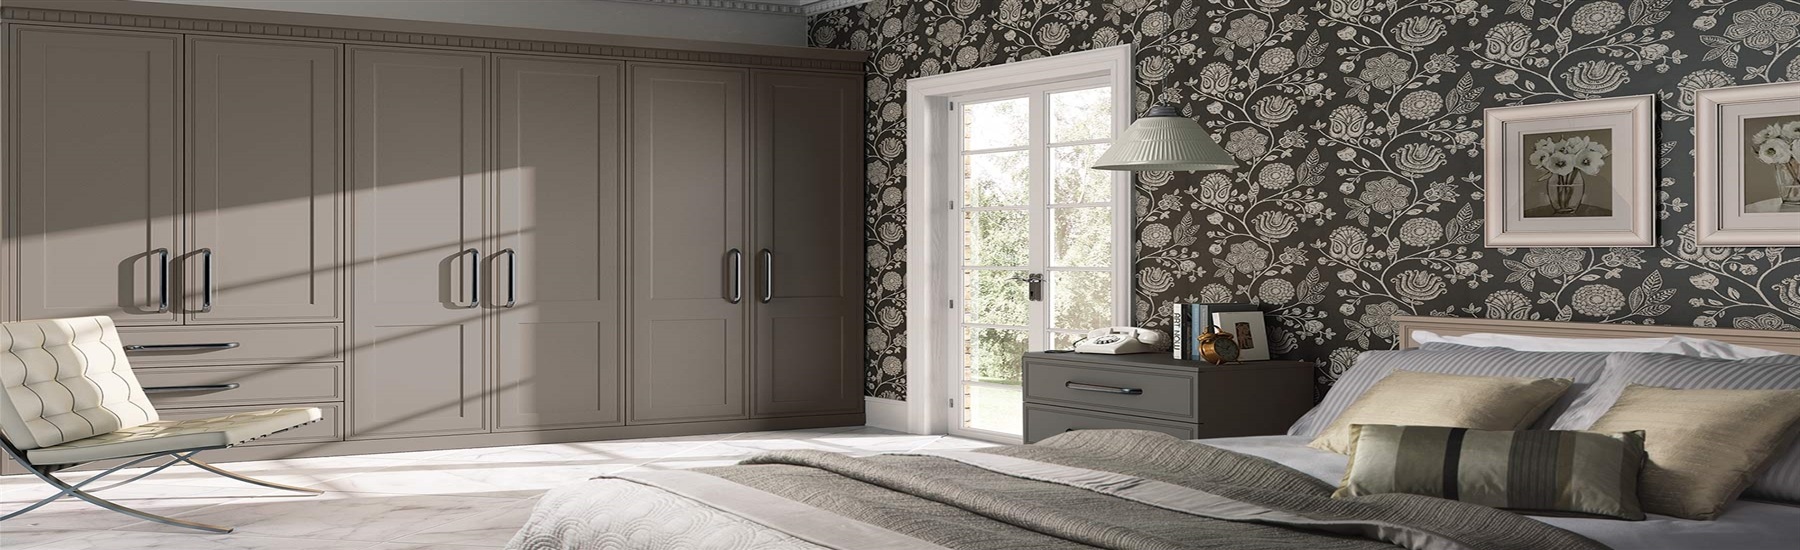 bedroom-wardrobe-doors1